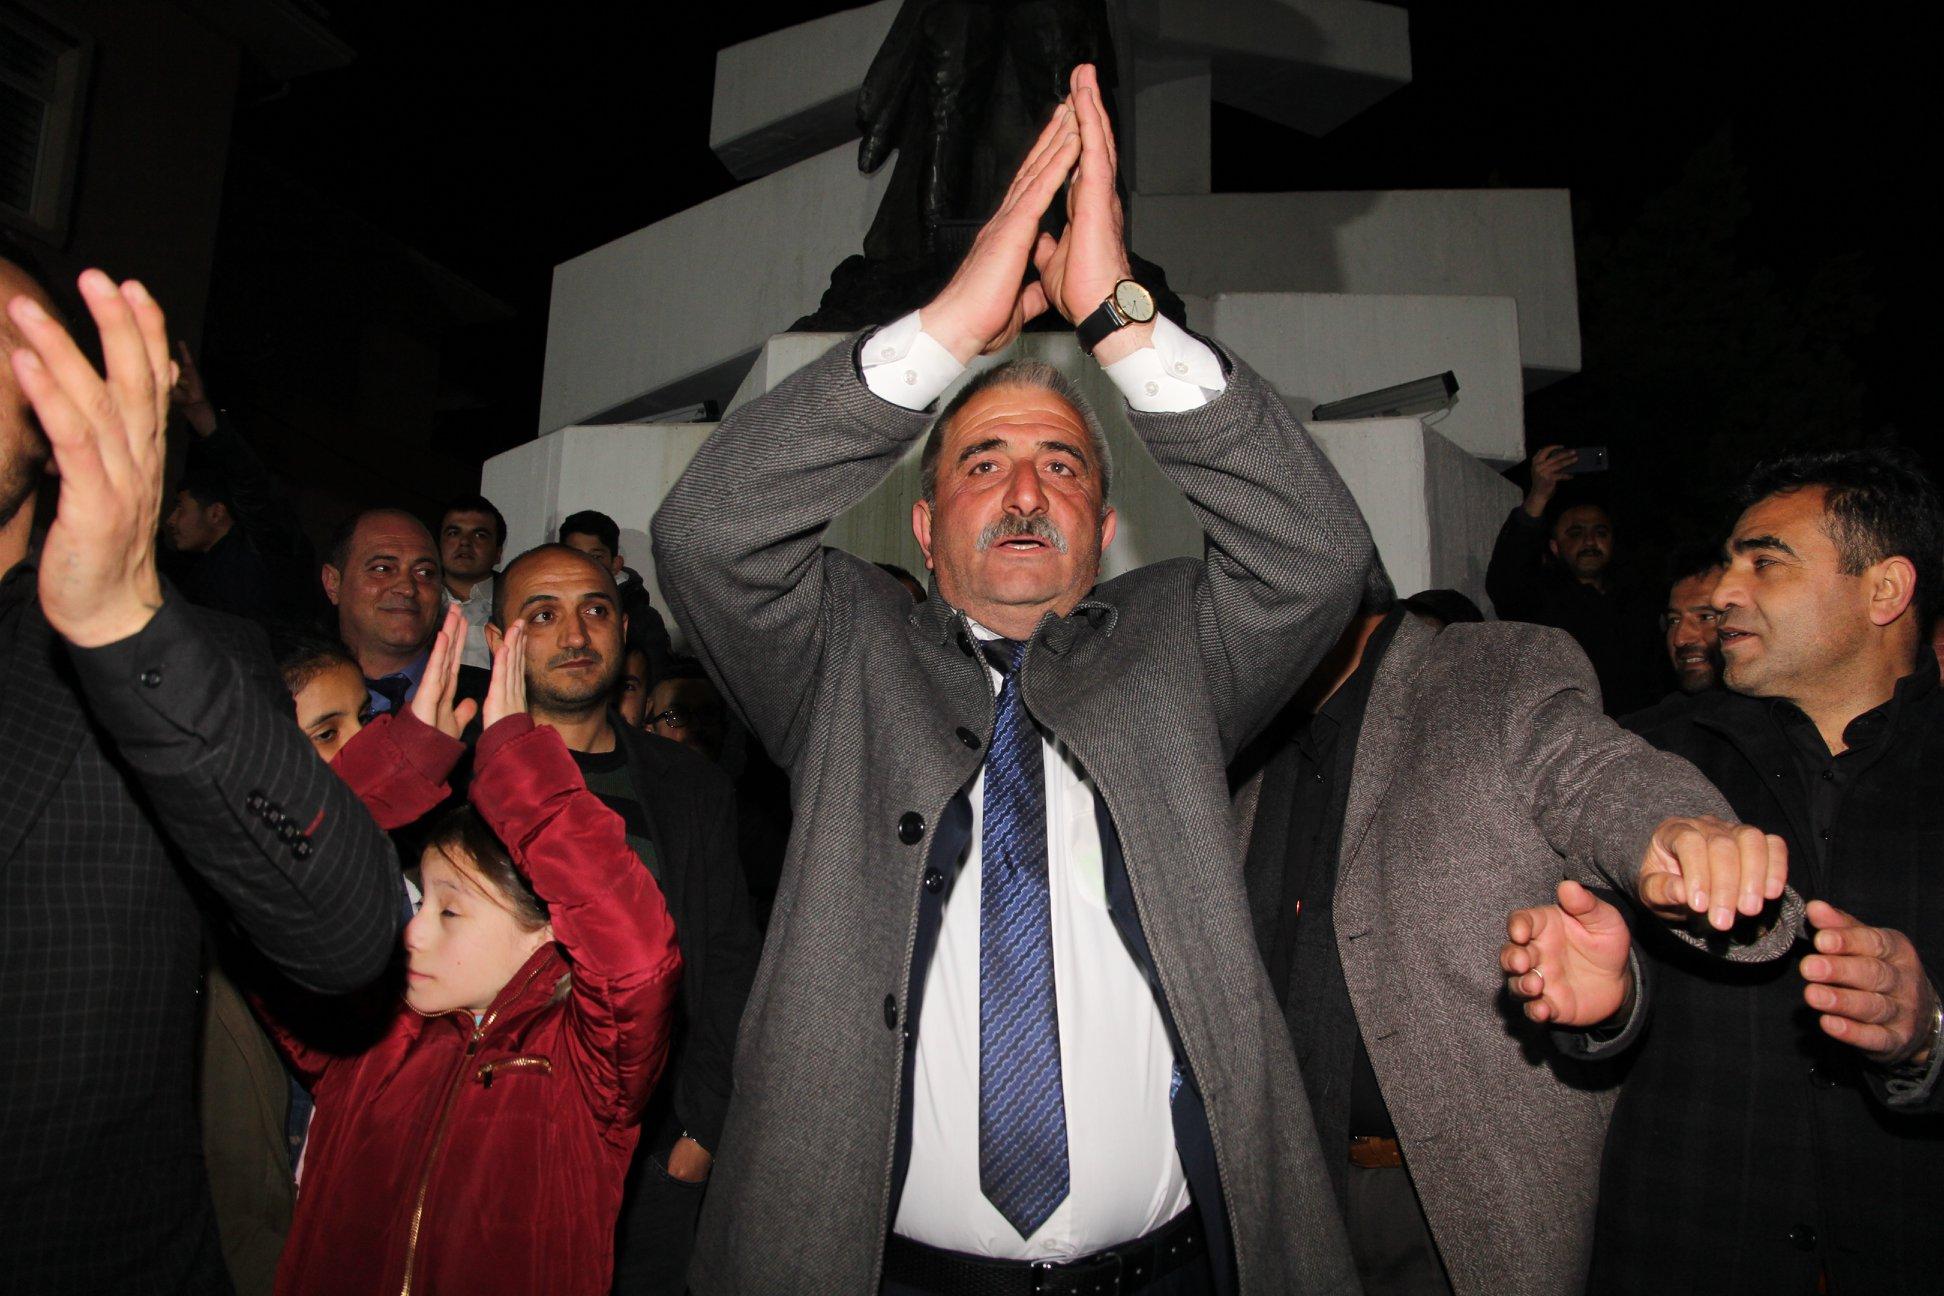 Gerçekleştirilen yerel seçimler sonucunda,mevcut Belediye Başkanı ve İYİ Parti Belediye Başkan Adayı Abdulkadir Şahiner güven tazeledi. Sungurlu #YenidenŞahiner dedi. | Sungurlu Haber